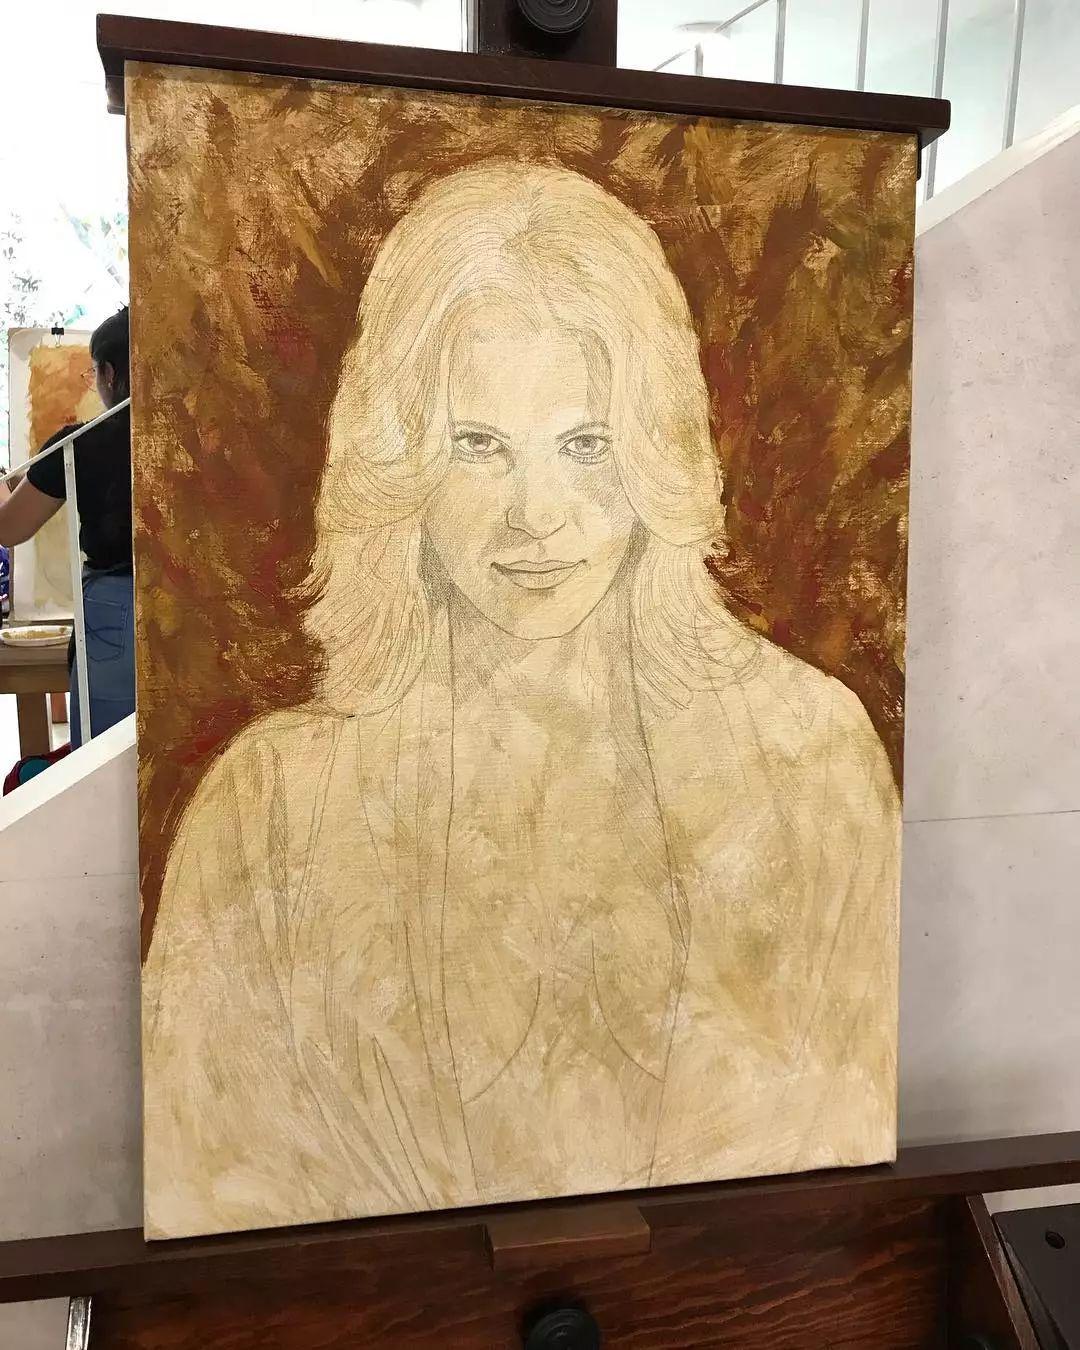 他画的绝色写实女人裸体画,看完面红耳赤!引网友直呼:我可以!插图57